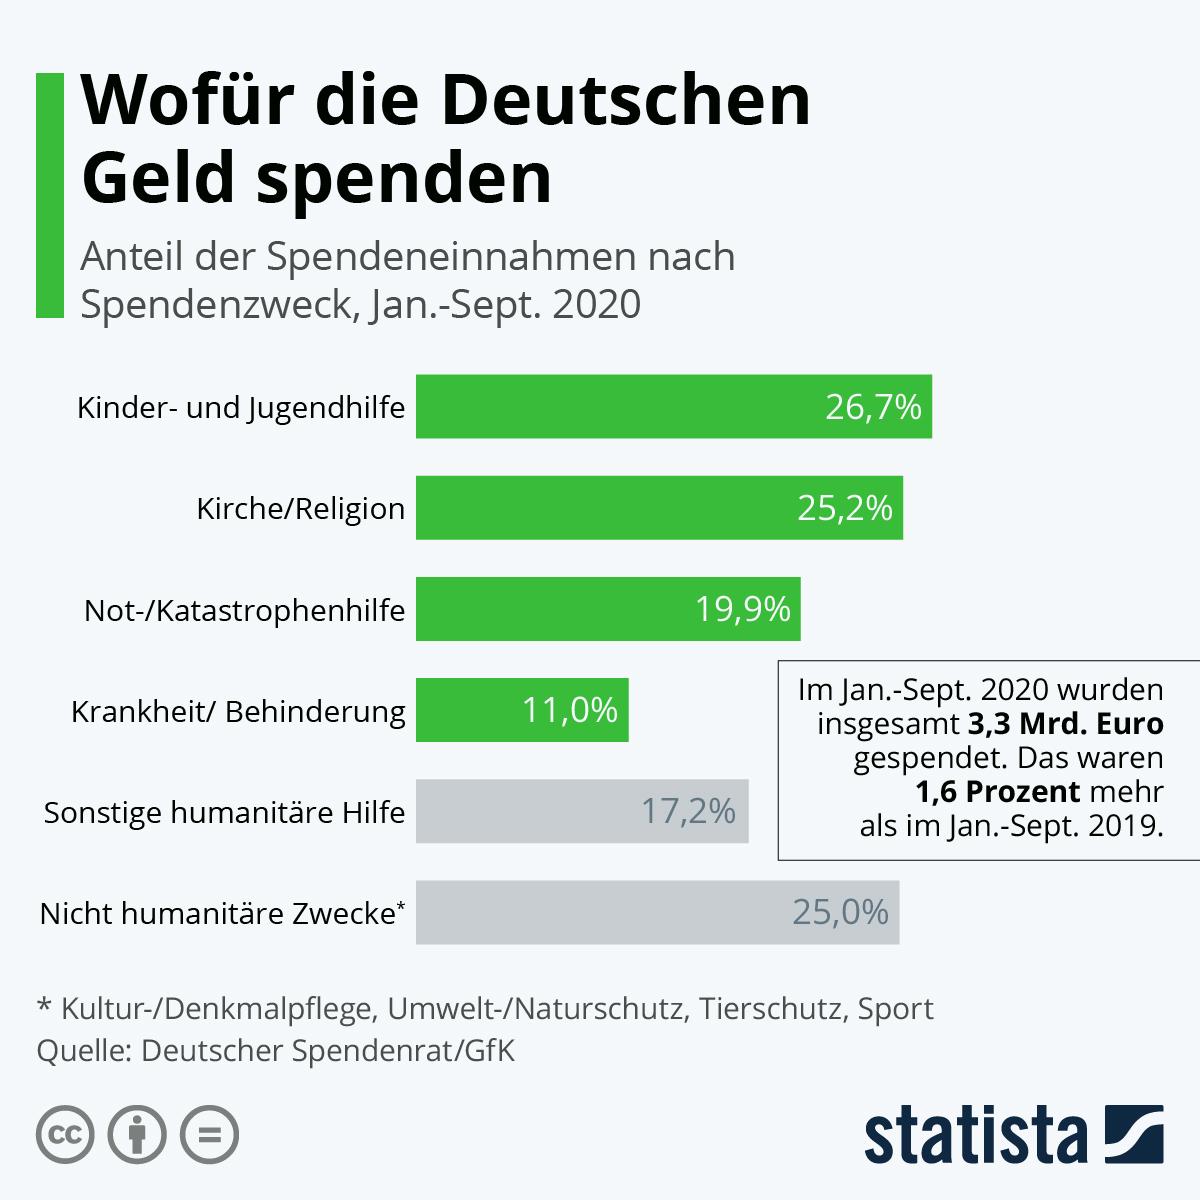 Infografik: Wofür die Deutschen Geld spenden | Statista